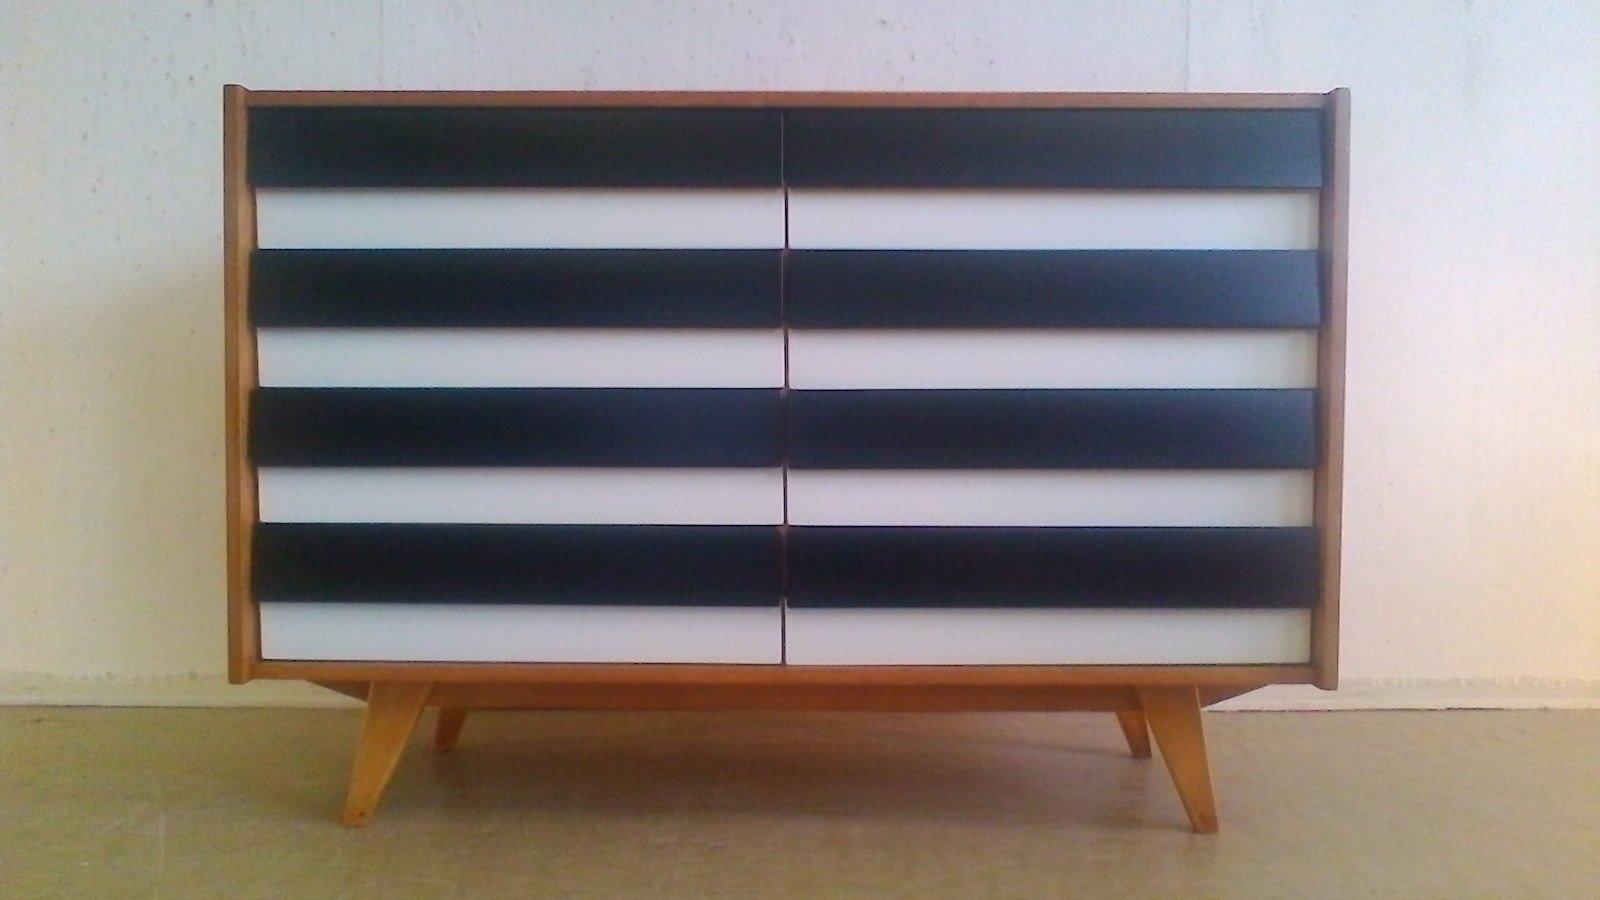 tschechische kommode in schwarz und wei 1960er bei pamono kaufen. Black Bedroom Furniture Sets. Home Design Ideas